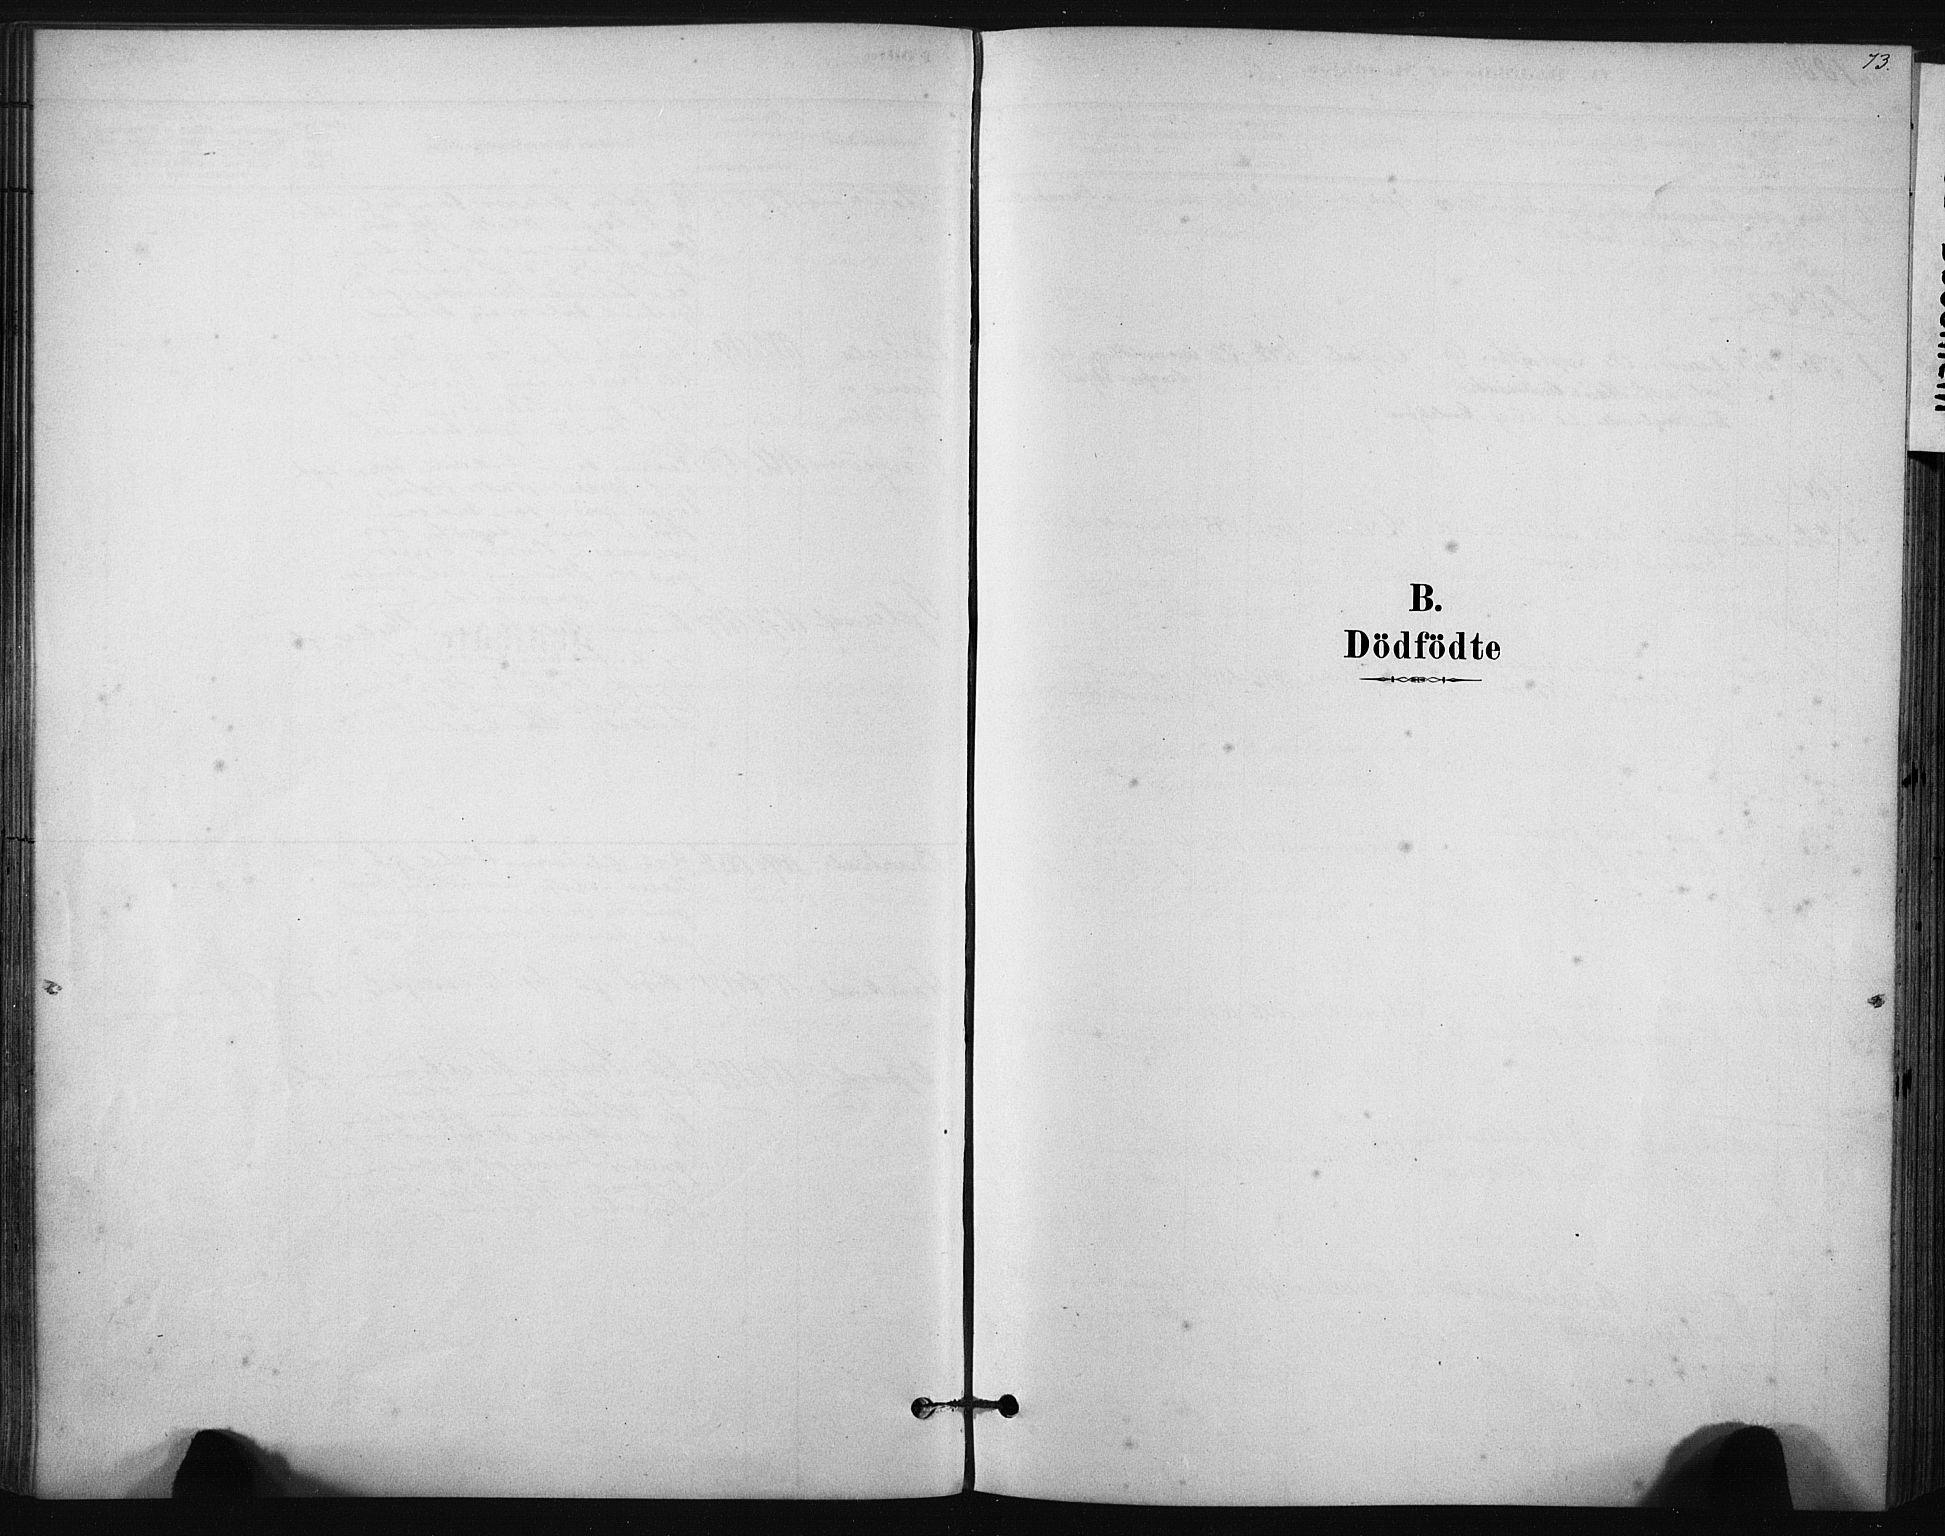 SAT, Ministerialprotokoller, klokkerbøker og fødselsregistre - Sør-Trøndelag, 631/L0512: Ministerialbok nr. 631A01, 1879-1912, s. 73